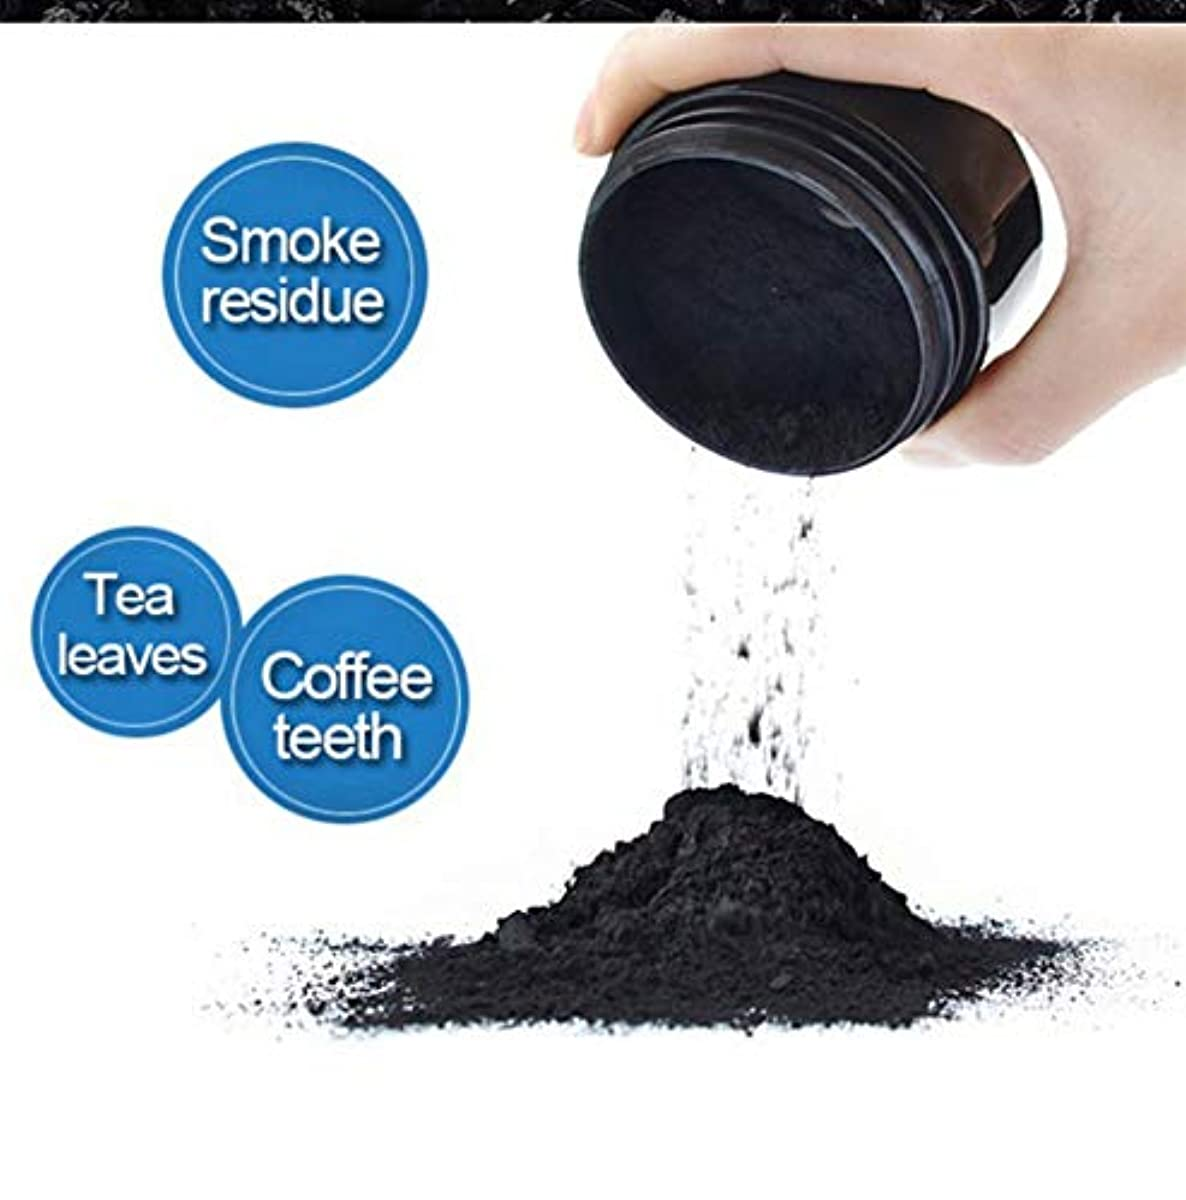 イースター天窓前述のDaily Use Teeth Whitening Scaling Powder Oral Hygiene Cleaning Packing Premium Activated Bamboo Charcoal Powder...